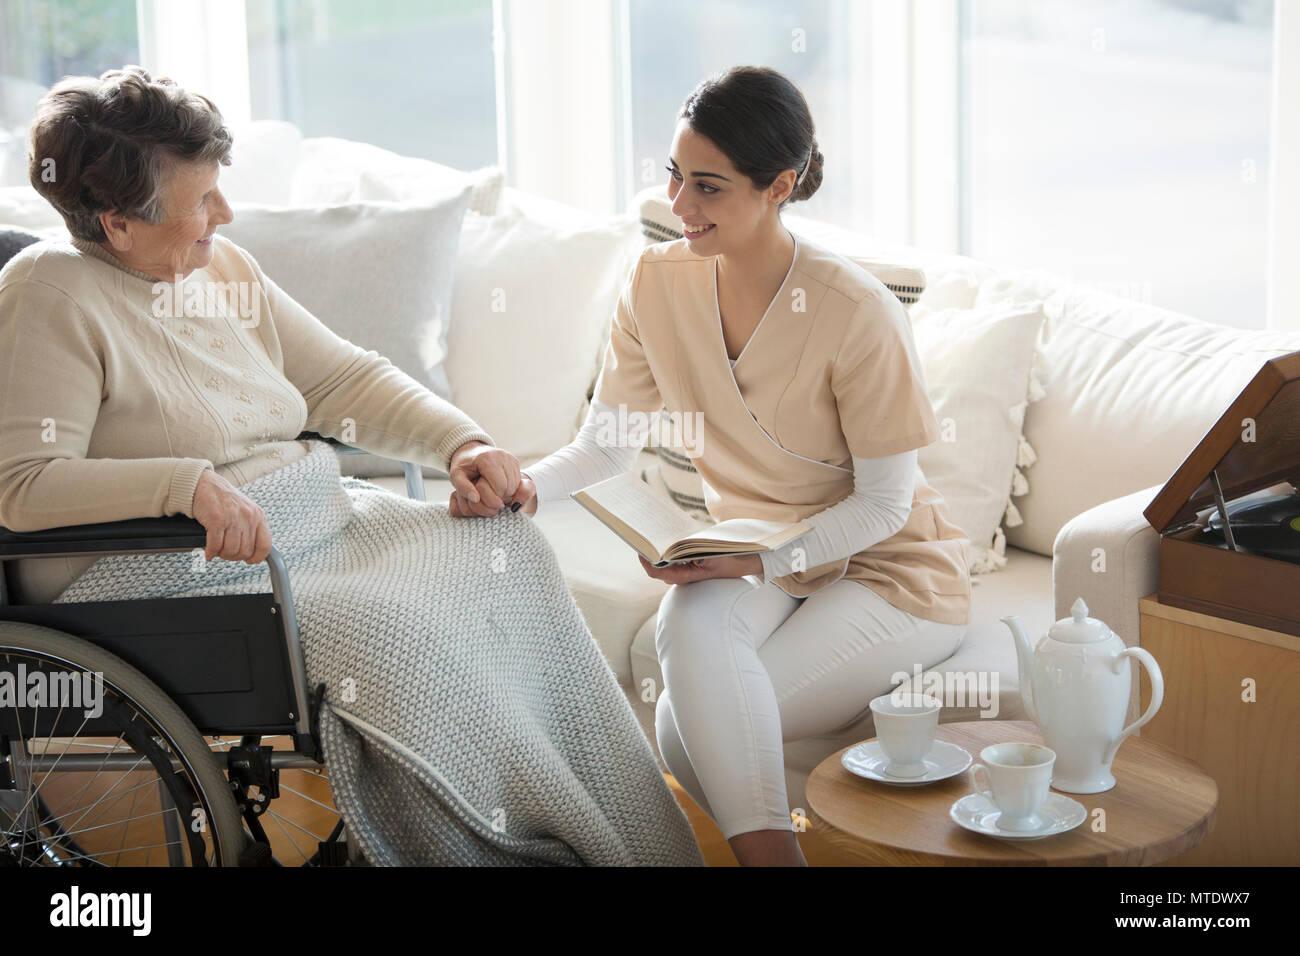 Une femme handicapée dans un fauteuil roulant qui tient la main d'une offre de soins médicaux professionnels assistant durant l'heure du thé dans un salon de la retraite de luxe Photo Stock